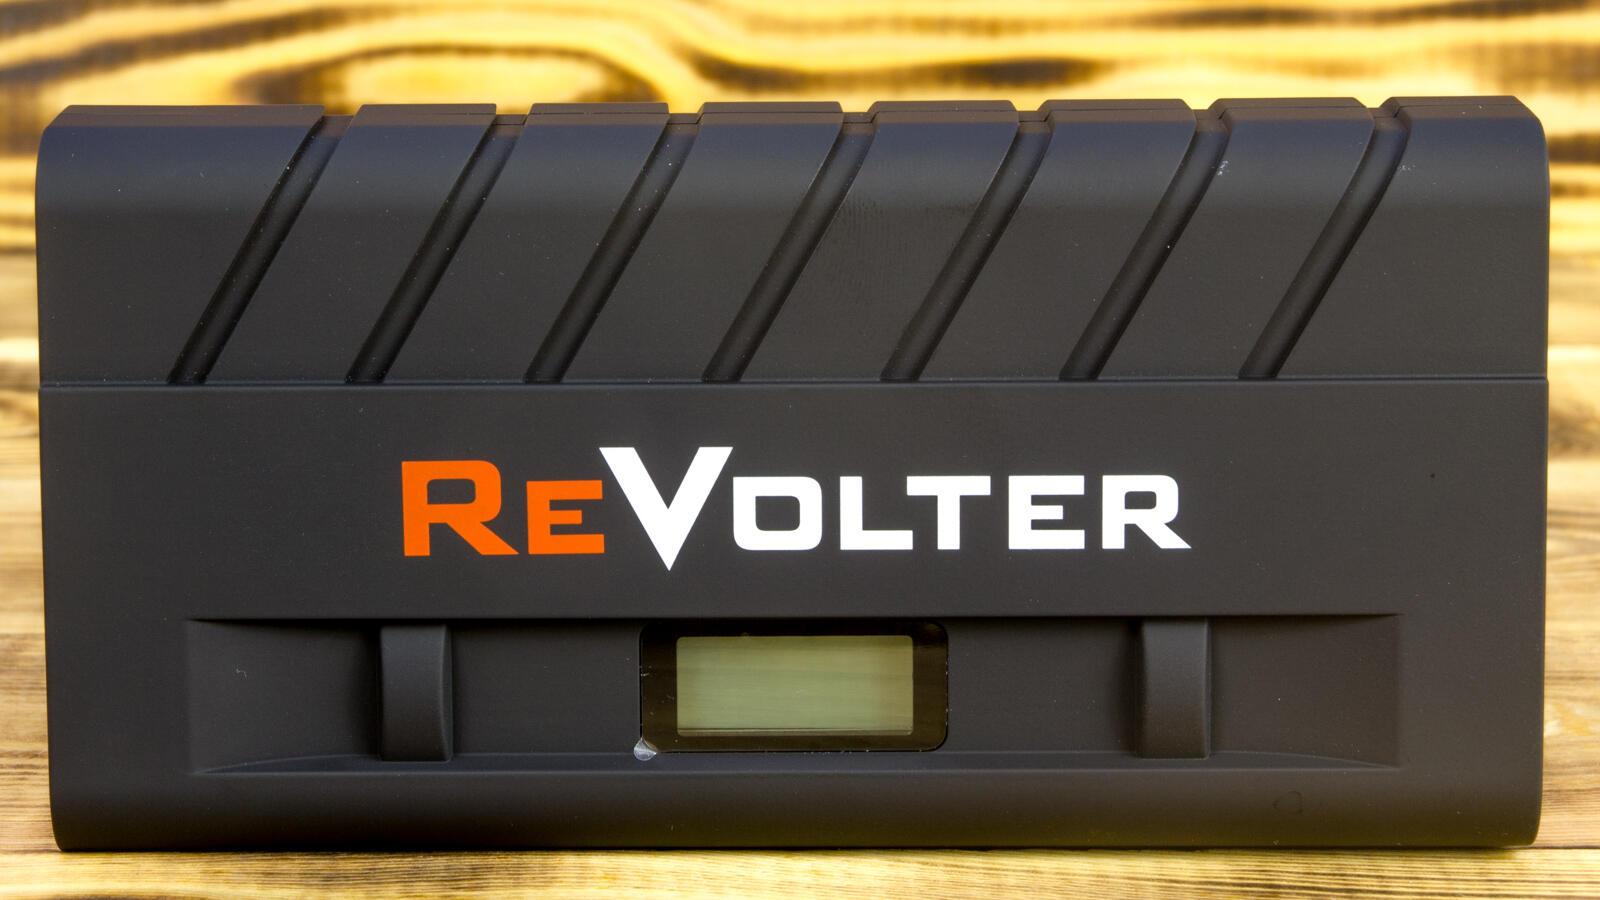 Avtotovary - Obzor puskovogo zaryadnogo ustroystva ReVolter Nitro